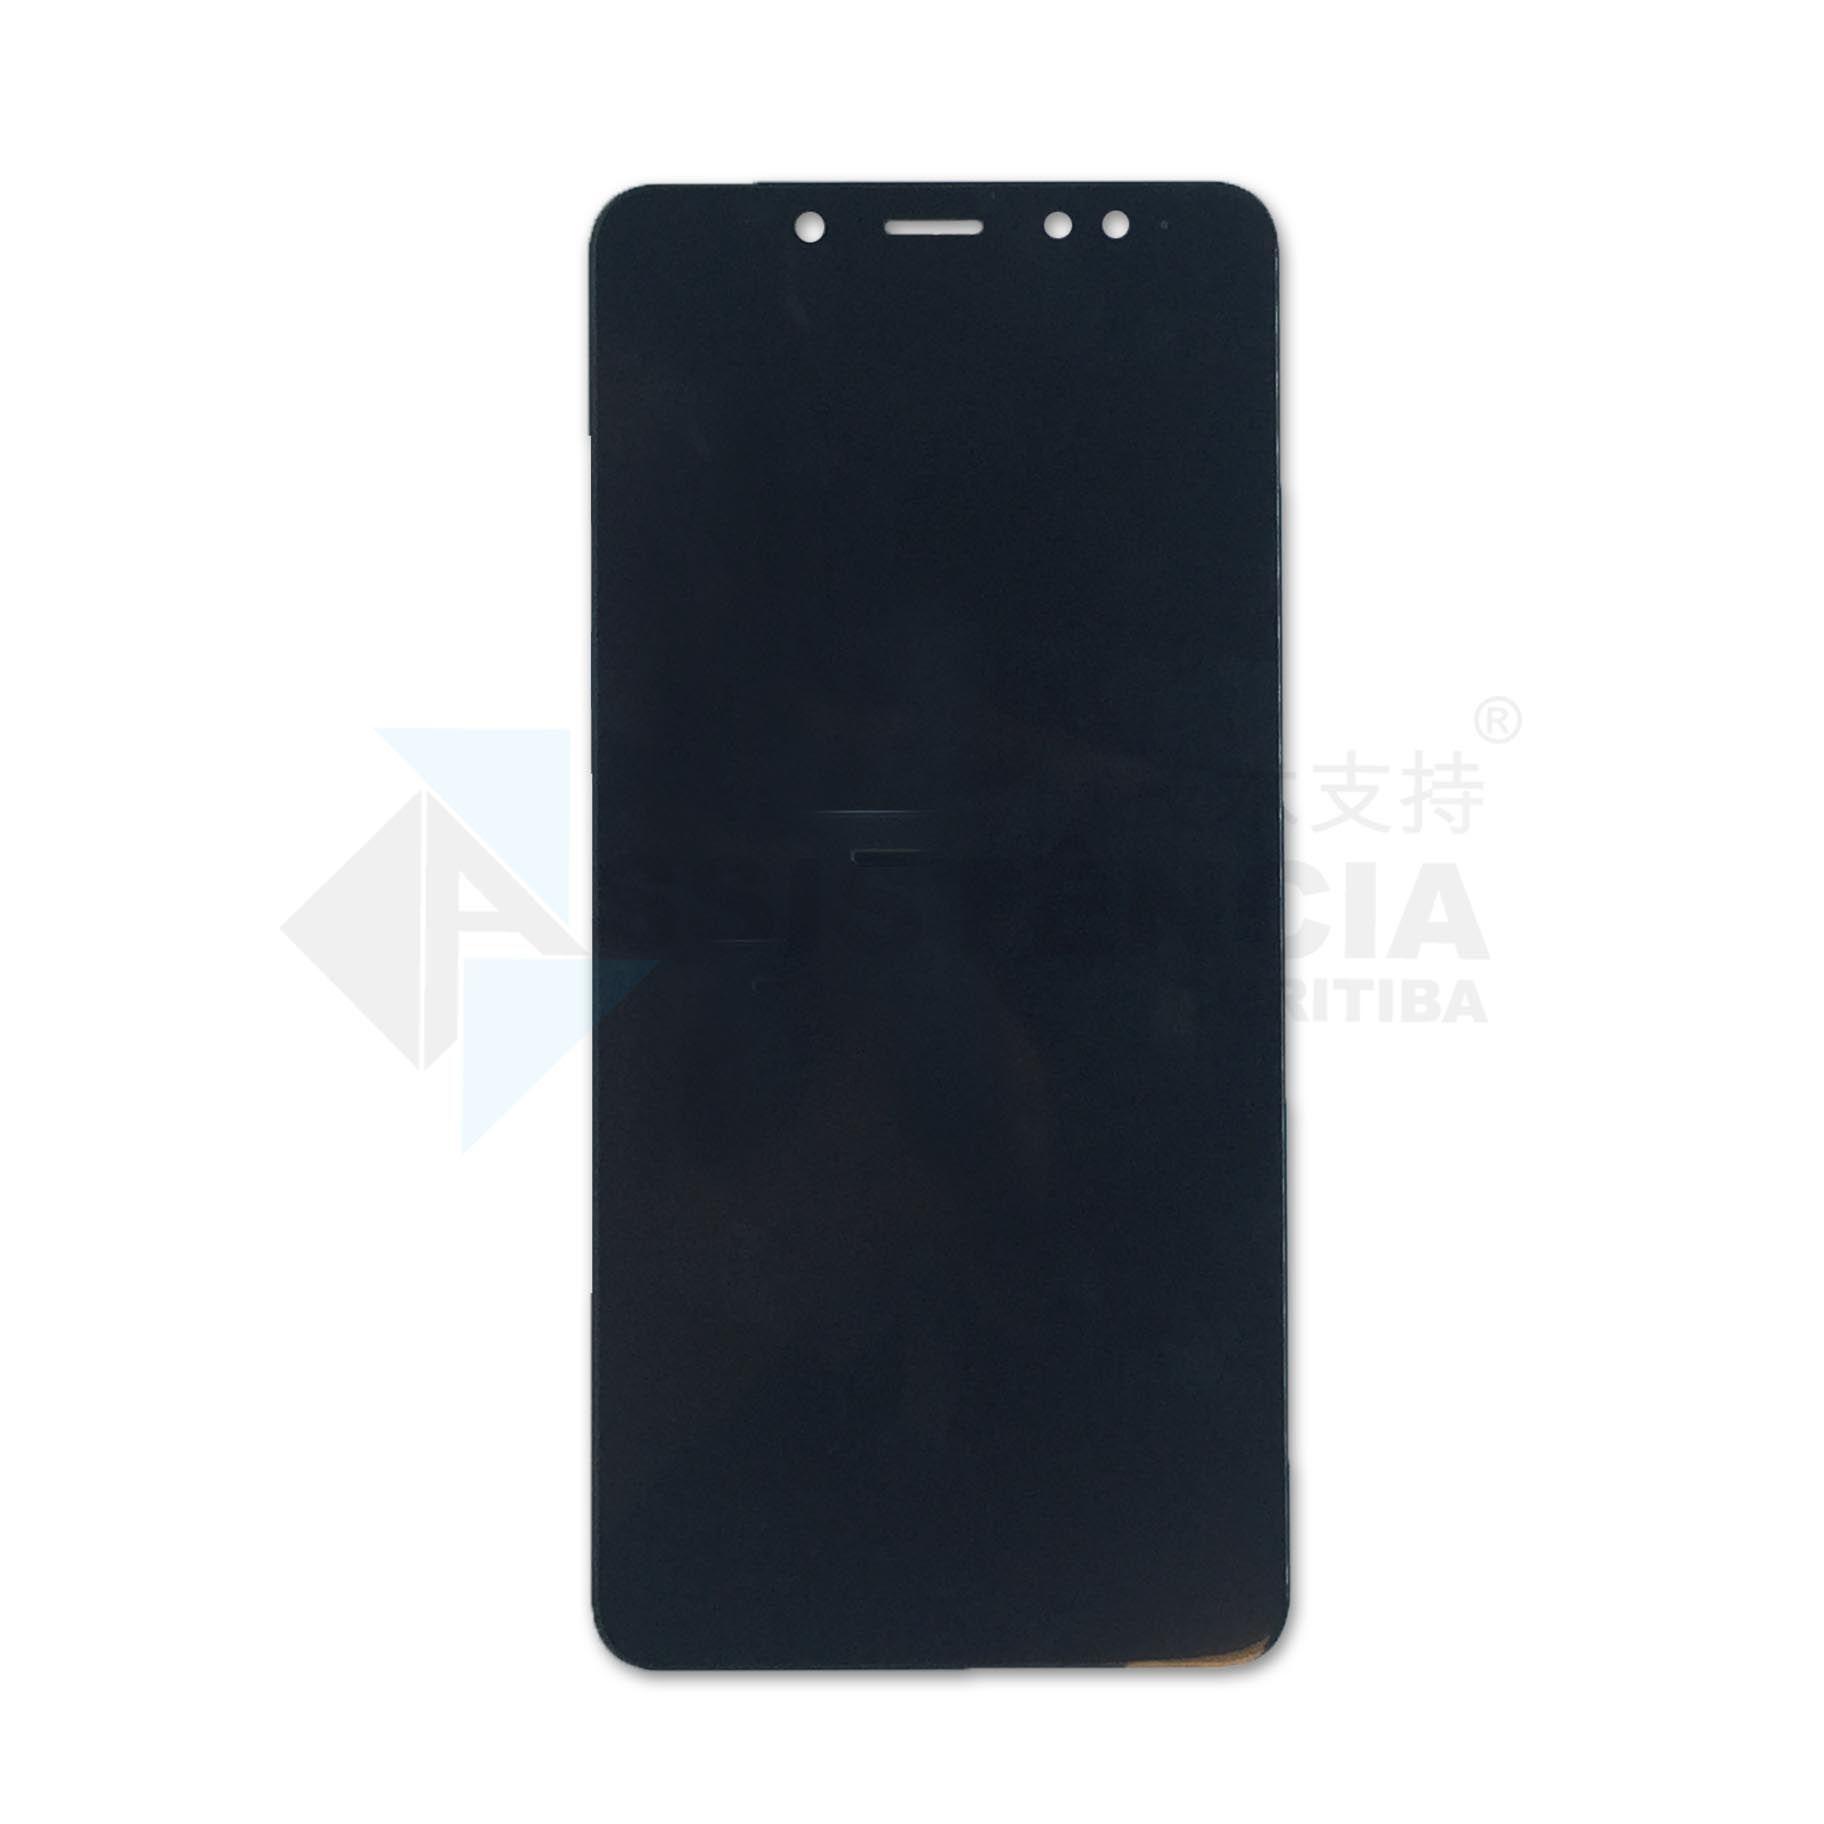 Tela Display Xiaomi Note 5 / Note 5 Pro Mei7S Met7S Mee7S Preto